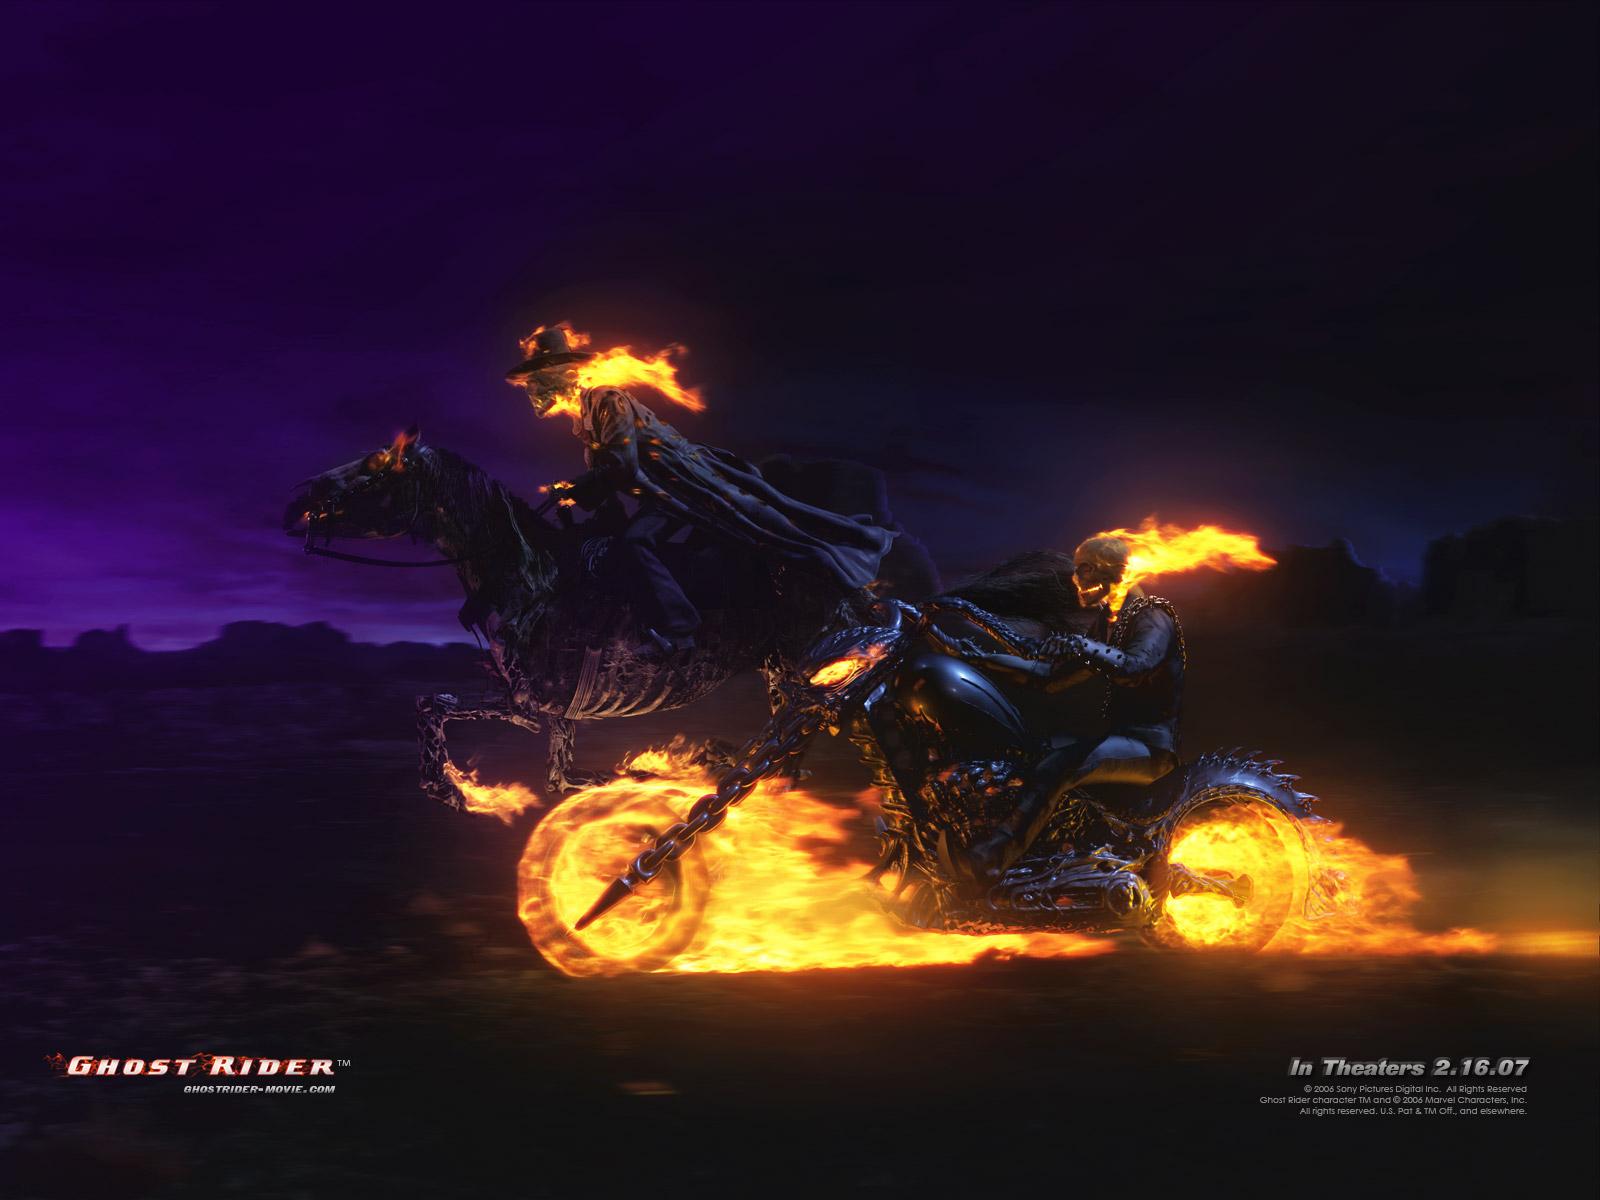 http://1.bp.blogspot.com/-hyCzpH1A7Lw/T13fcn1_hqI/AAAAAAAAAE4/f5qHUot4ZQ4/s1600/Ghost_Rider_Wallpaper_22_1600.jpg